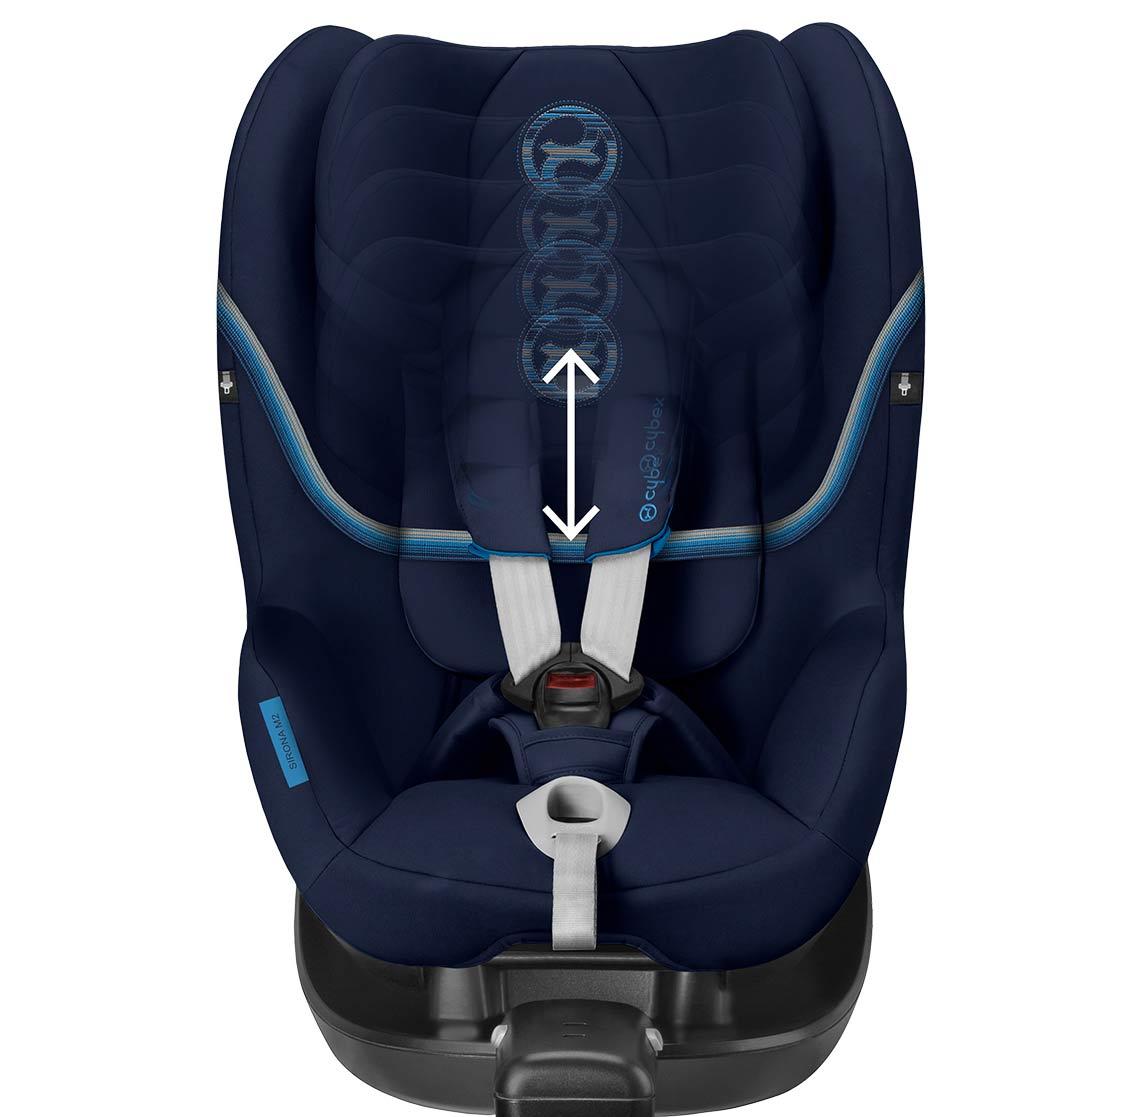 Регулируемый по высоте подголовник с 12 позициями - Комфортная защита, которая растет вместе с ребенком